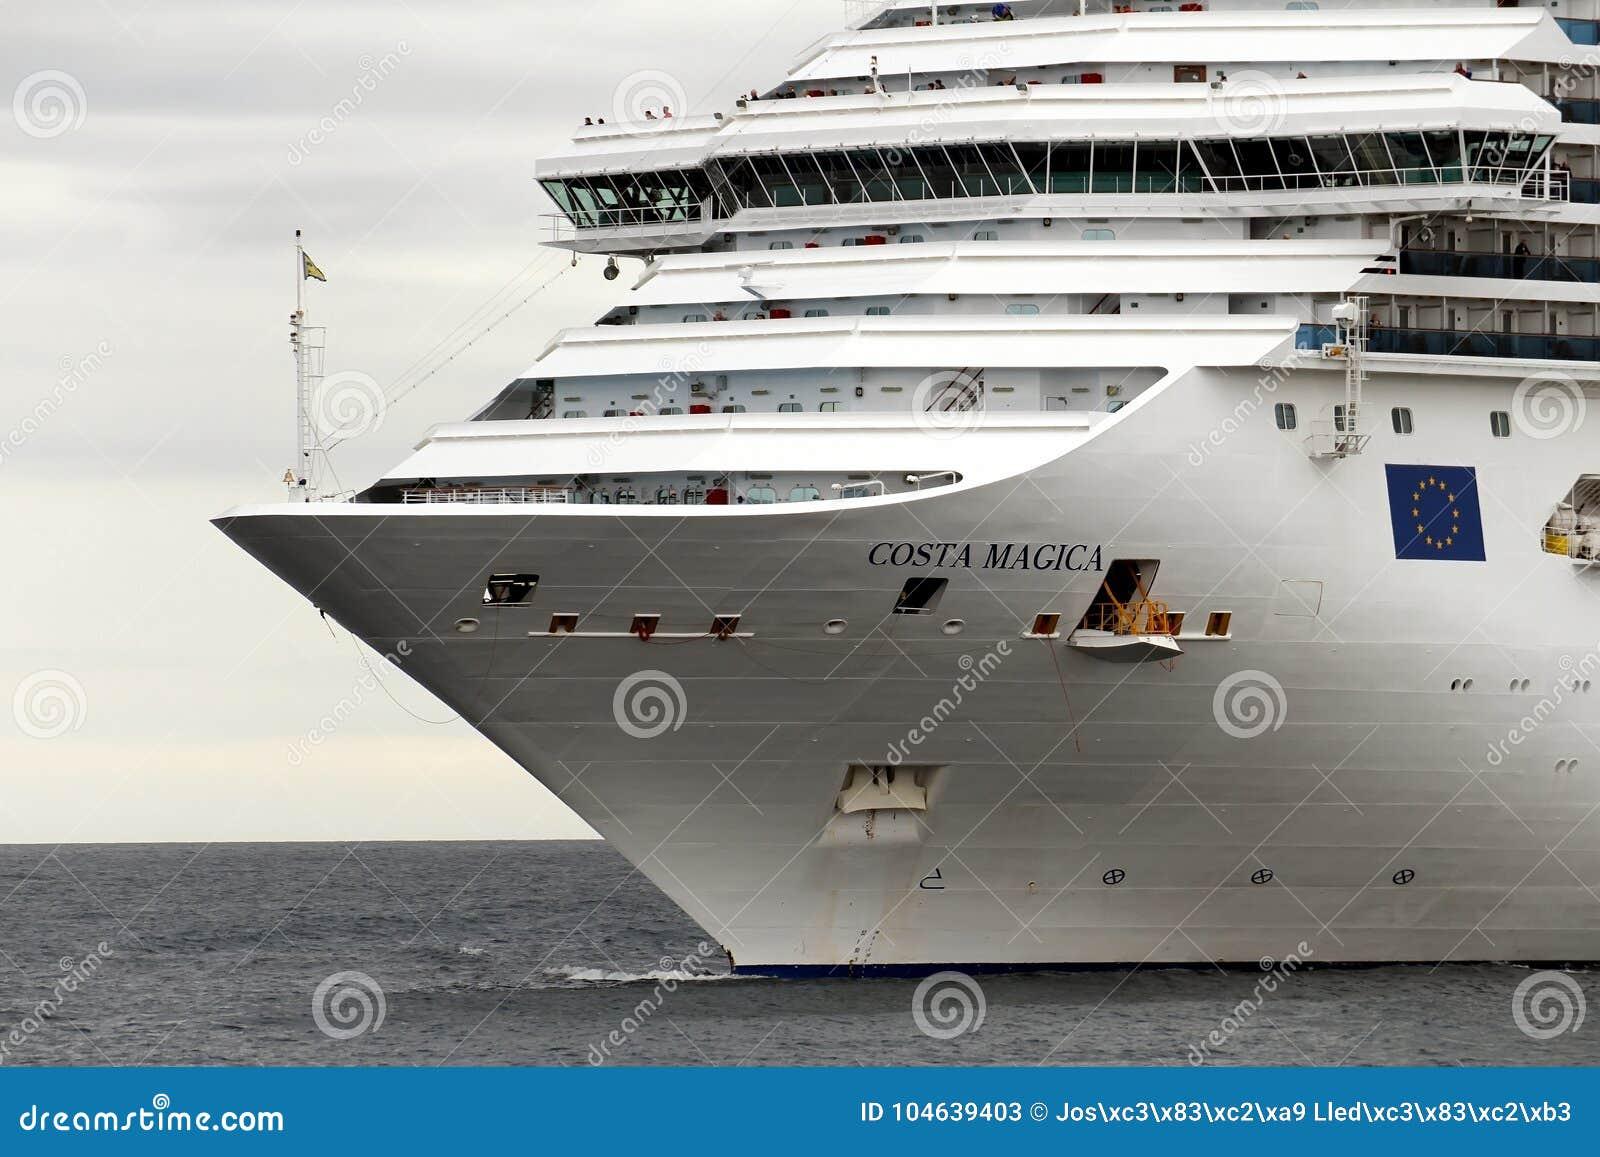 Download Aankomst Van Modern Cruiseschip Costa Magica Bij De Haven Van Alicante Redactionele Stock Foto - Afbeelding bestaande uit blauw, cruising: 104639403